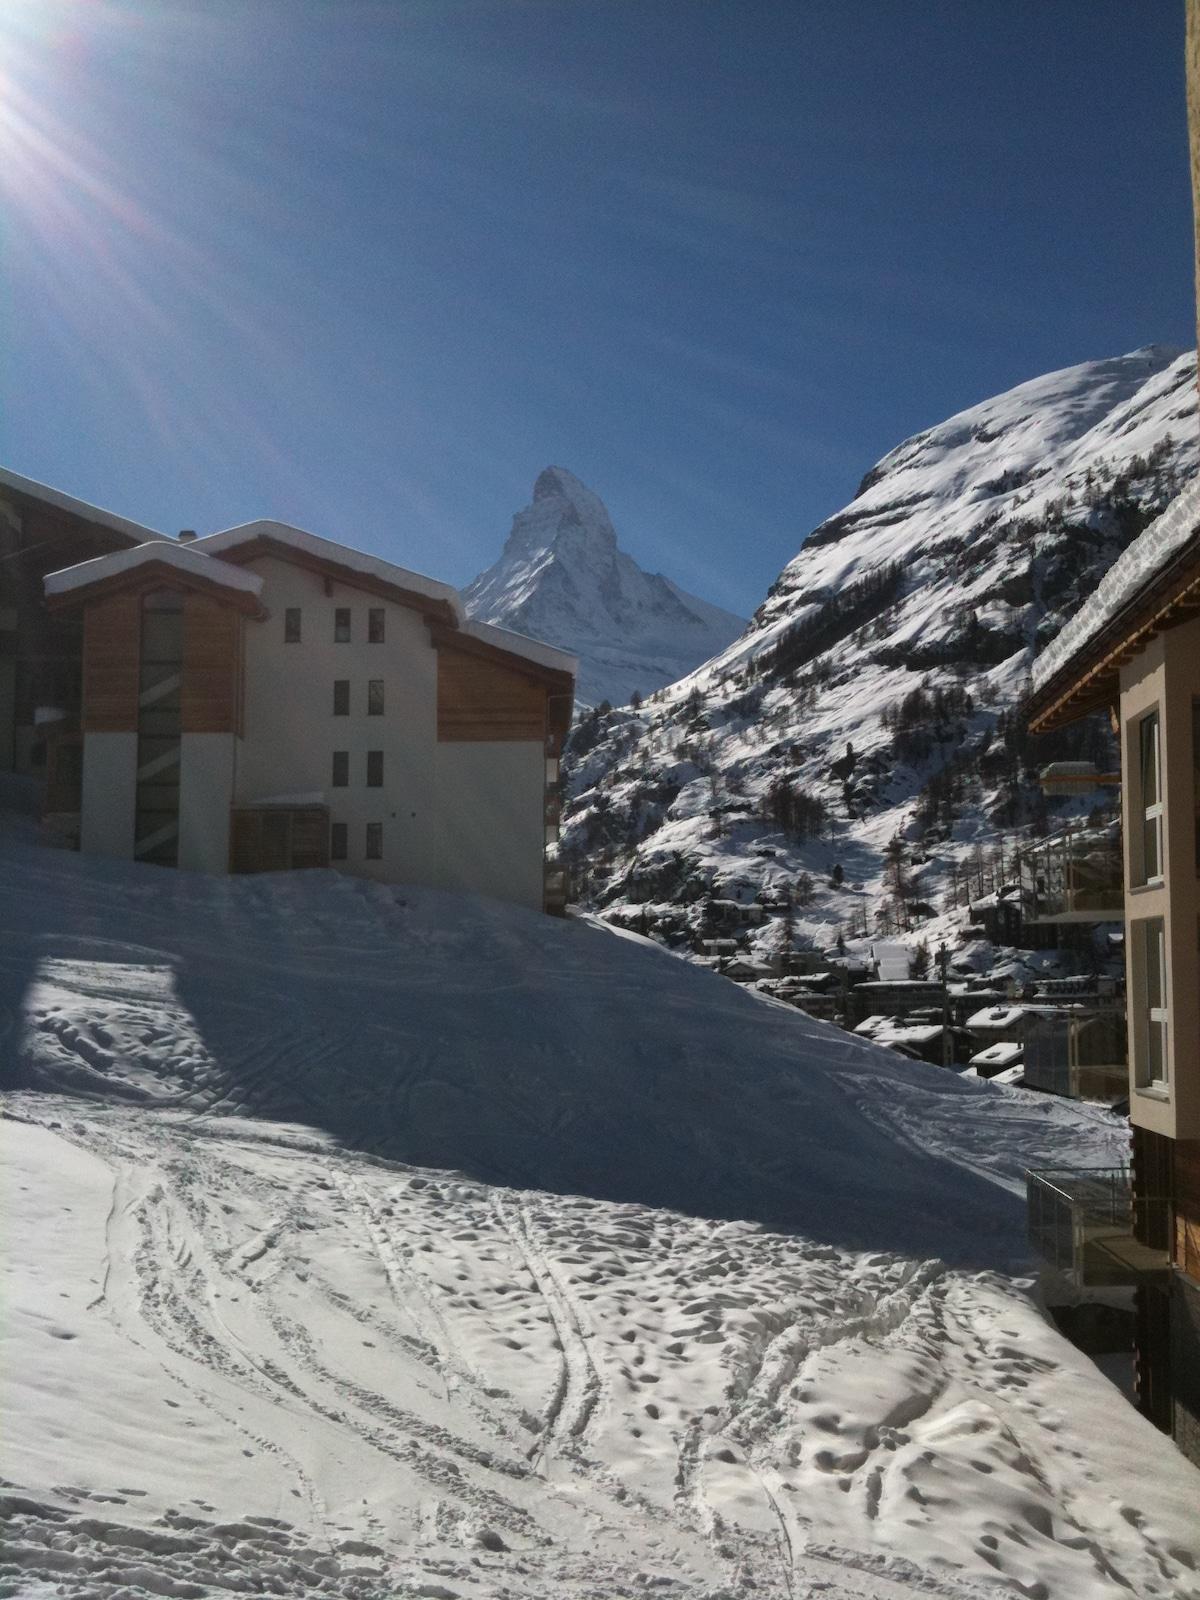 Livia From Zermatt, Switzerland